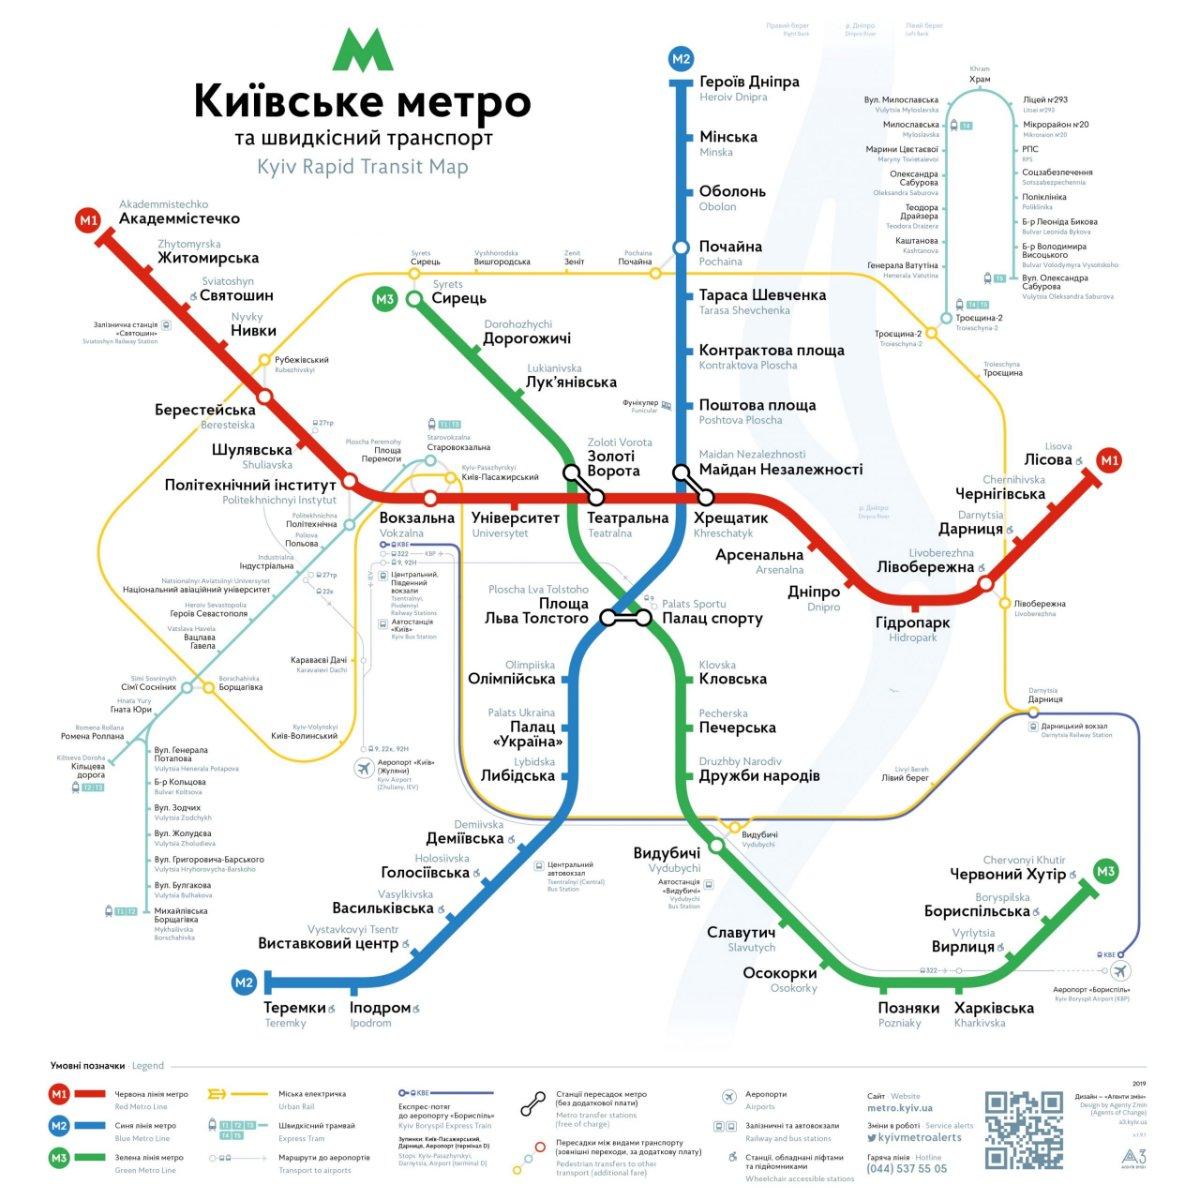 IDMedia Наружная реклама в городе Киев (Киевская область), Метро Digital в городе Киев №238970 схема